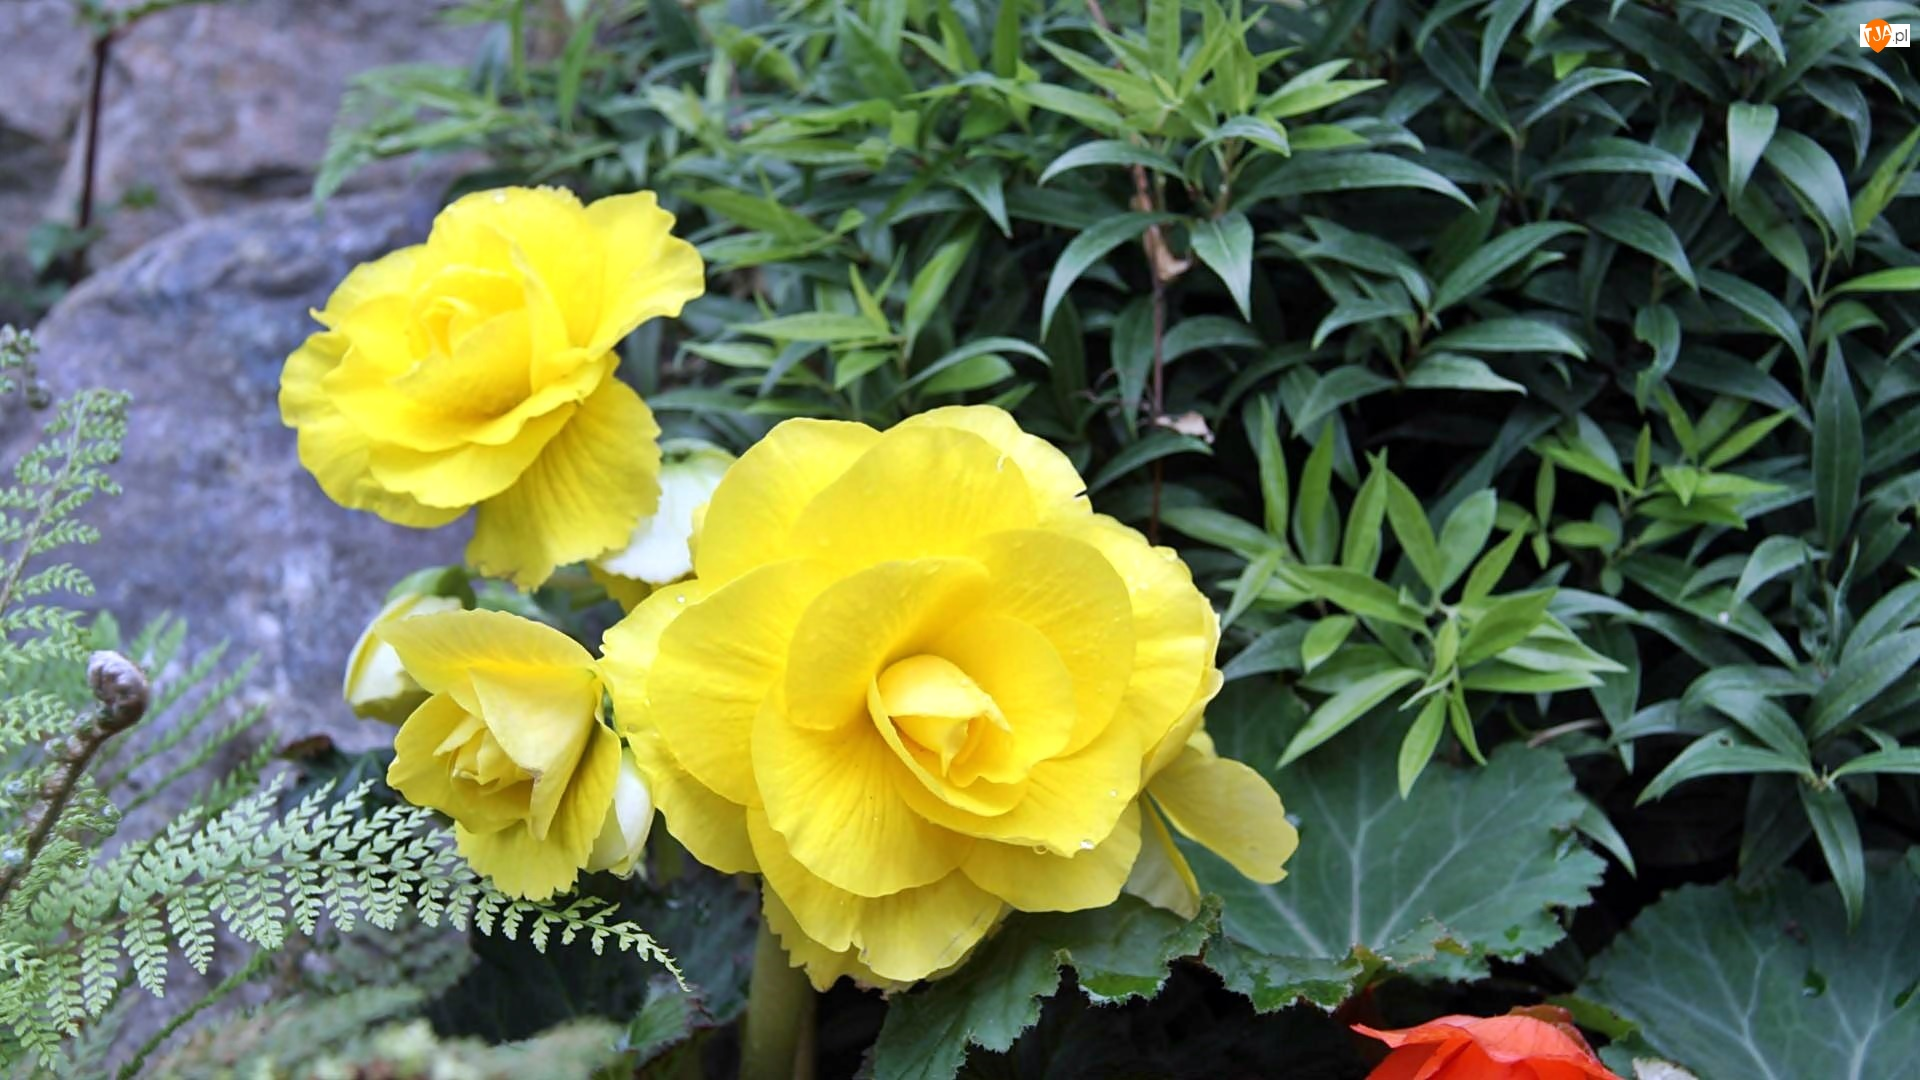 Kwiaty, Piękne, Żółte